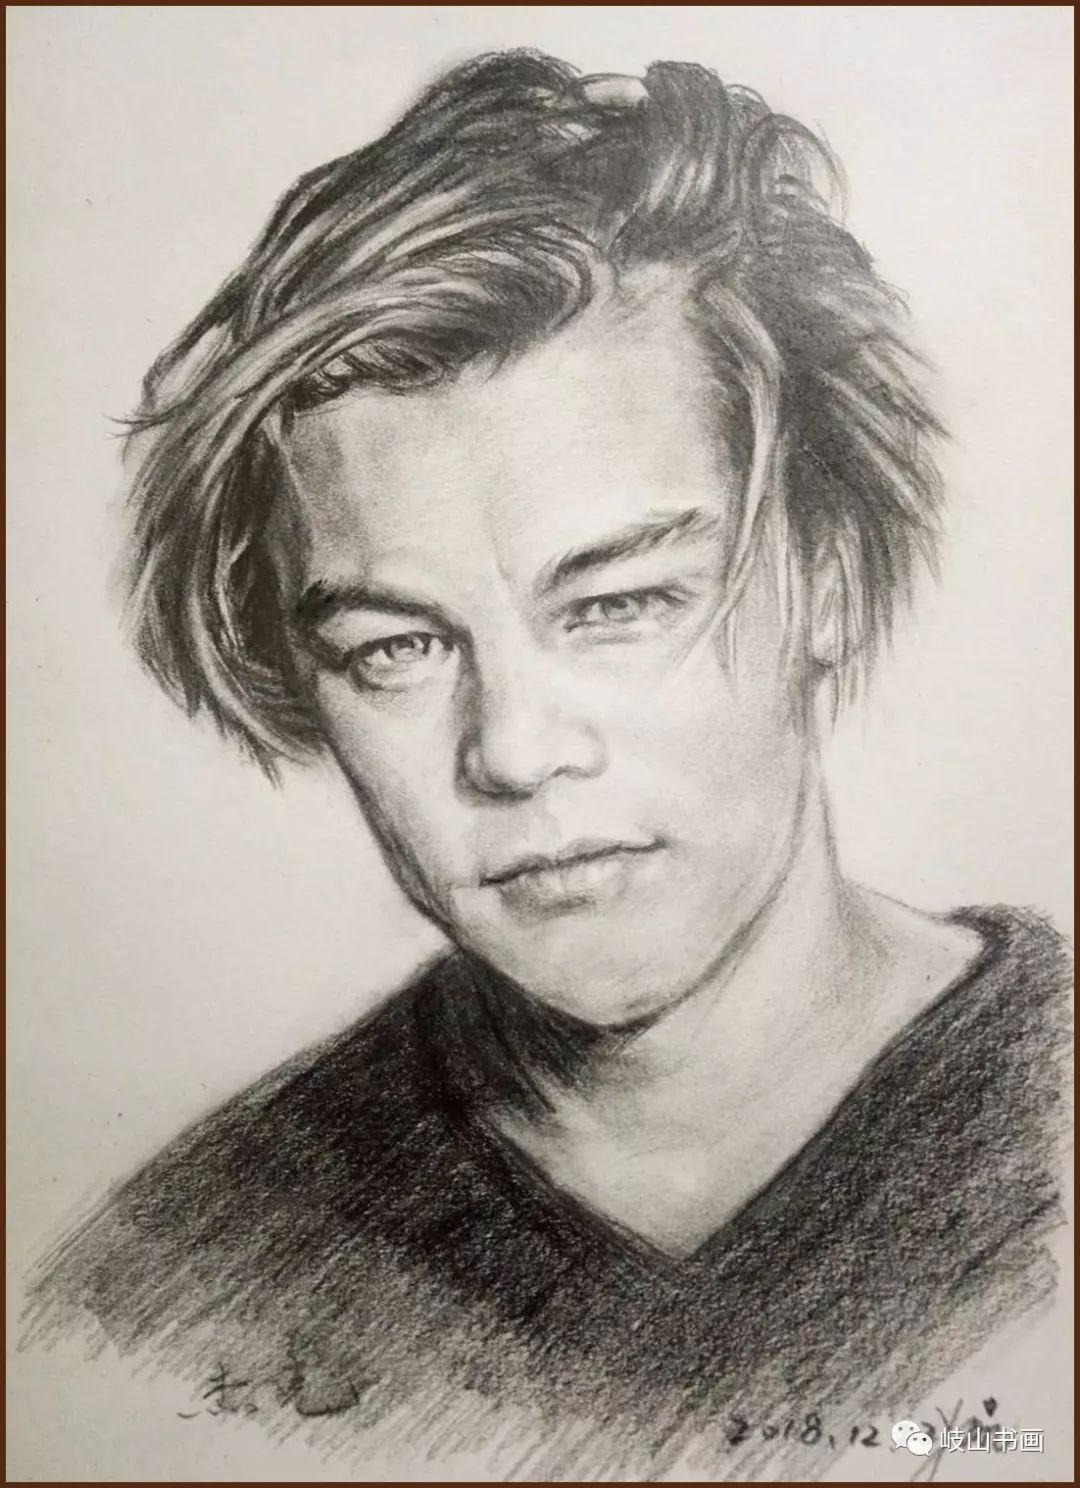 ▲杨太民 铅笔素描人物肖像图片